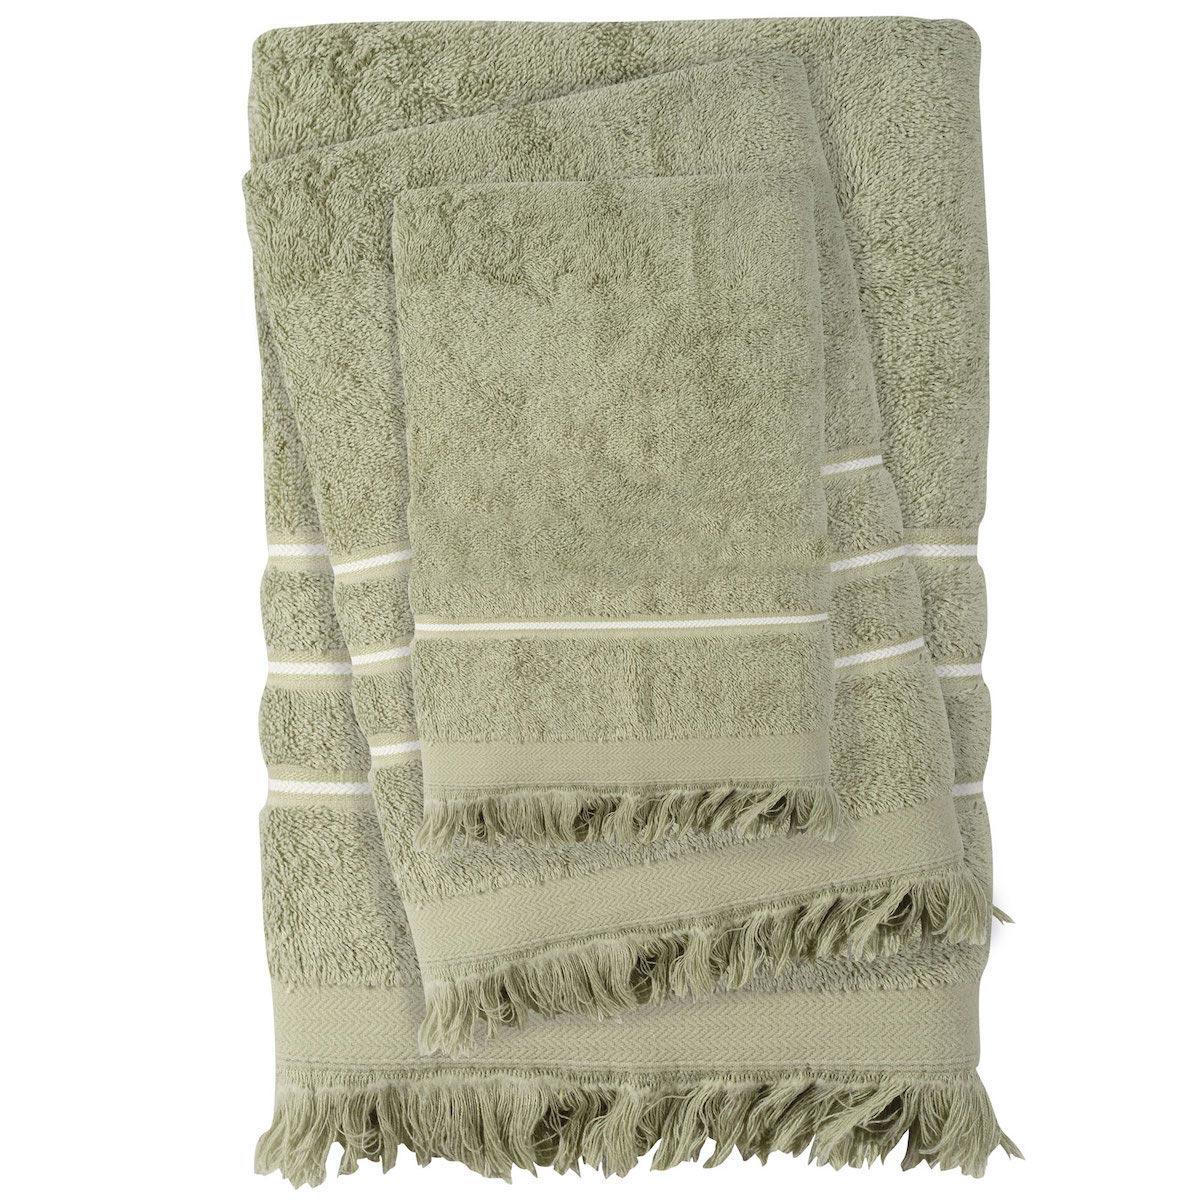 Πετσέτες Μπάνιου (Σετ 3τμχ) Das Home Best Line 0427 Olive